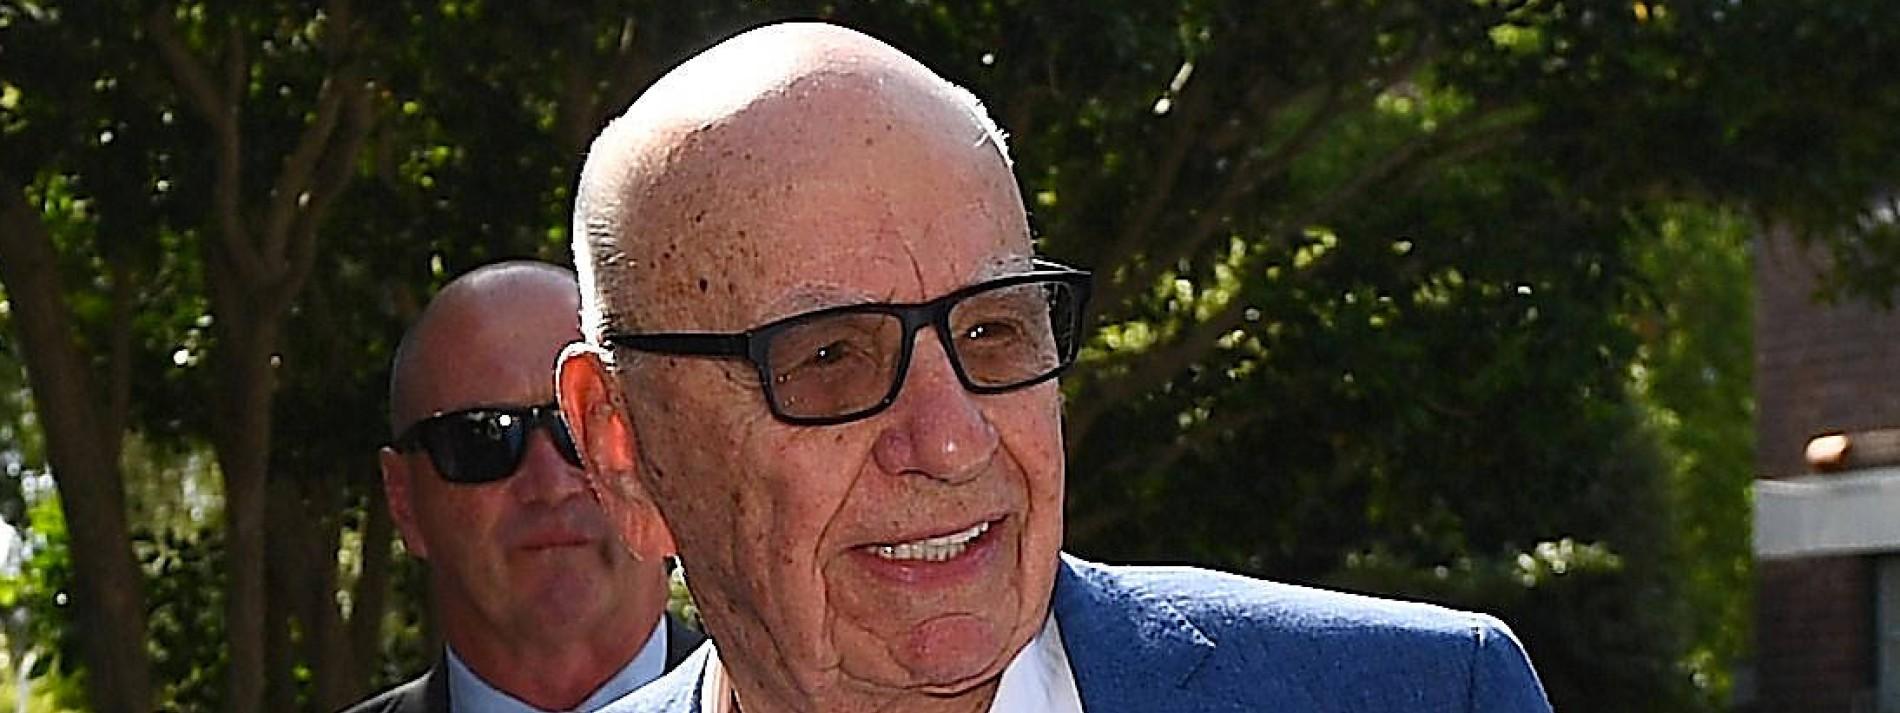 Australien untersucht Murdochs Medienmacht